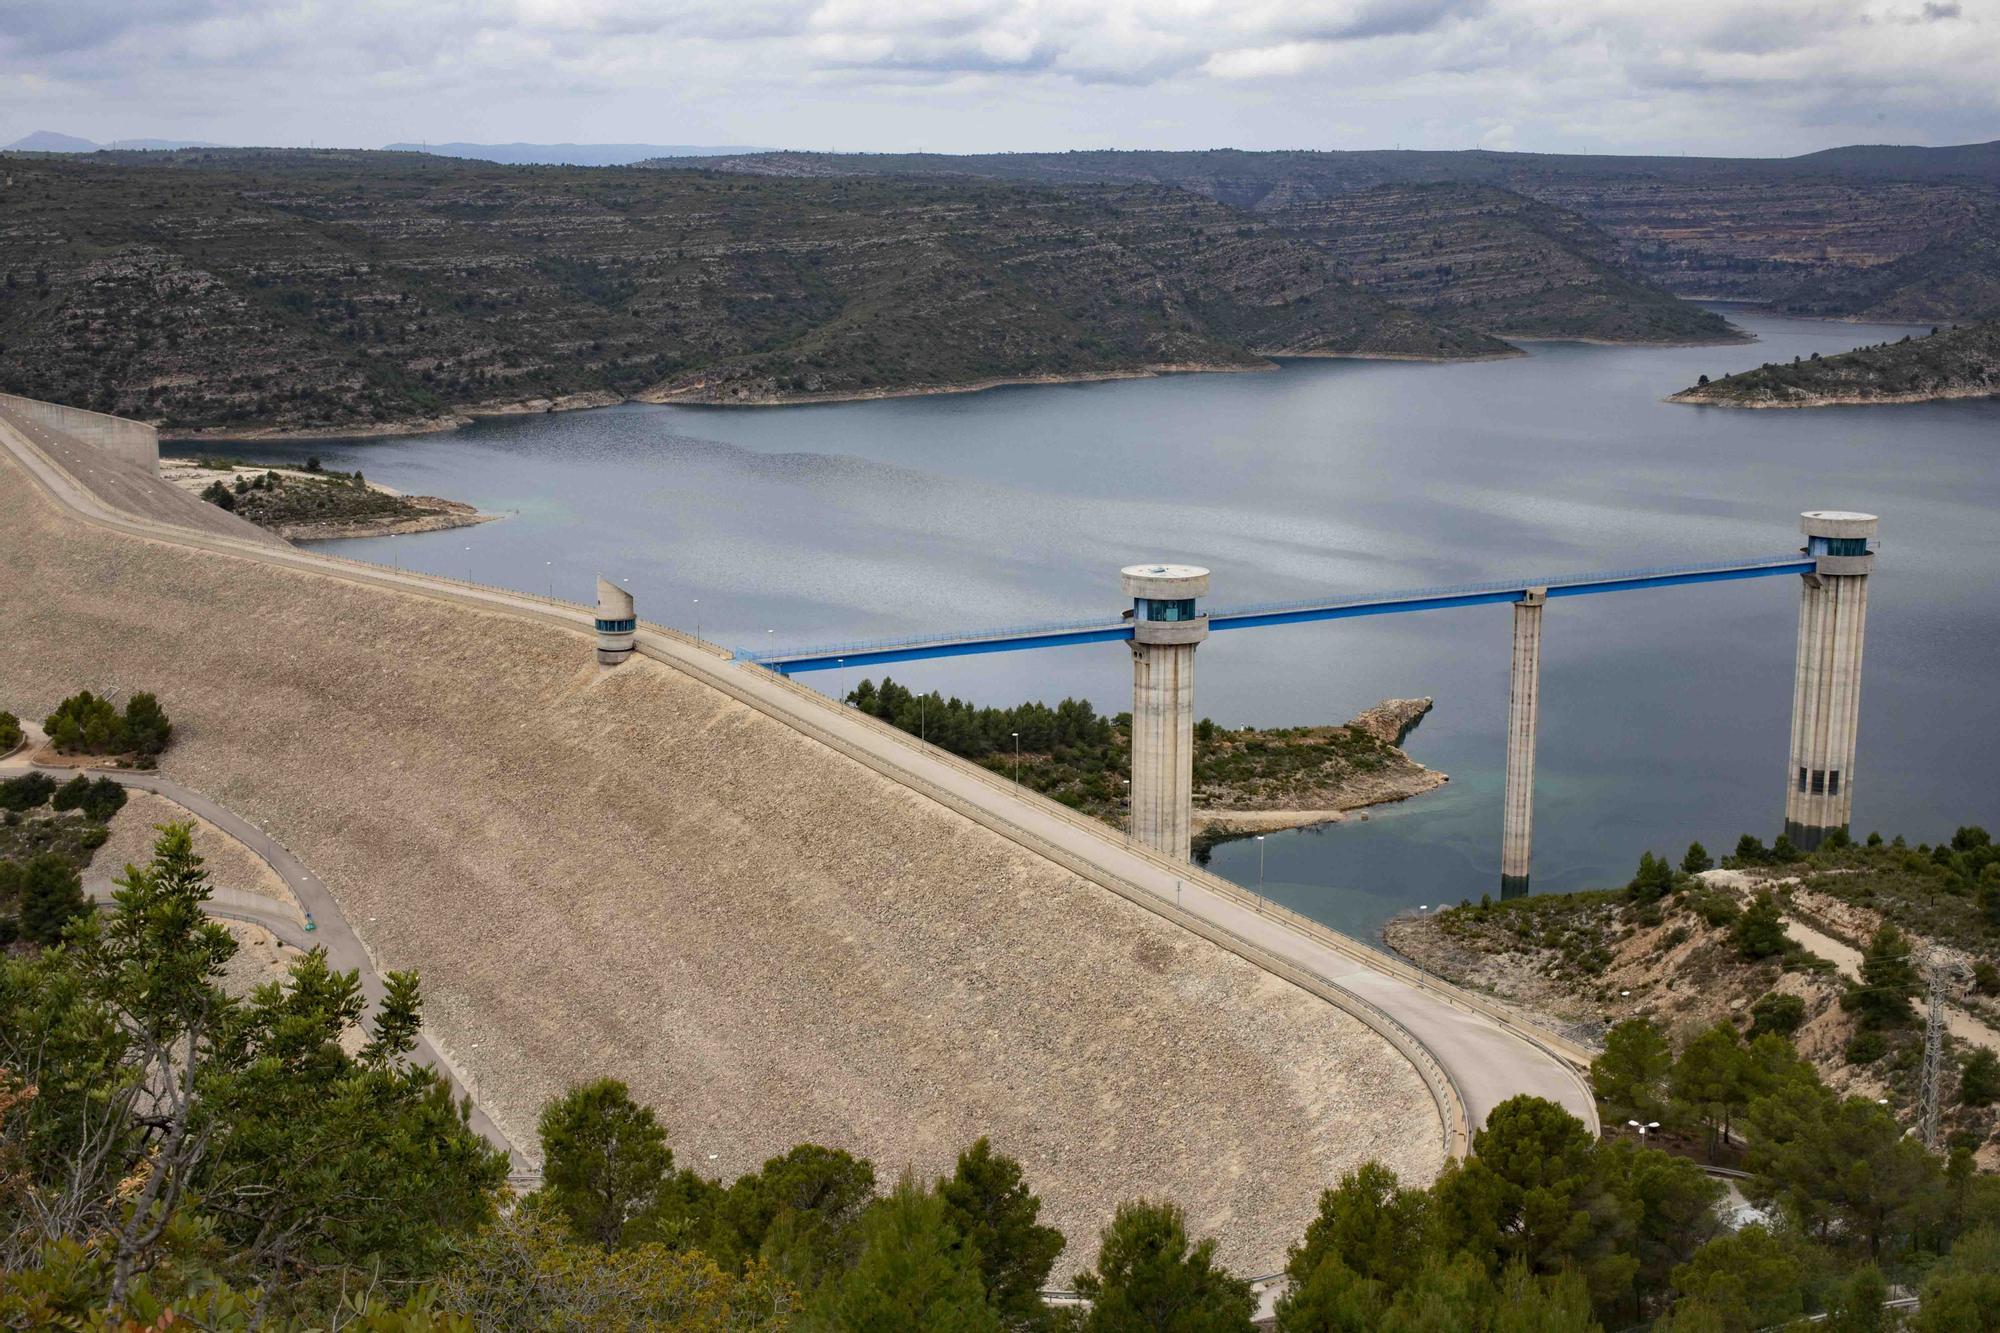 Se cumplen 25 años de la inauguración de la presa de Tous